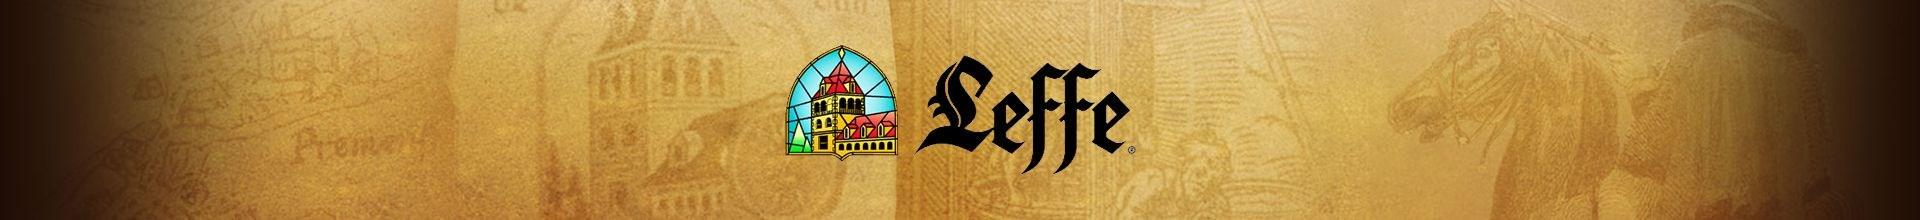 Cervejas Artesanais Leffe